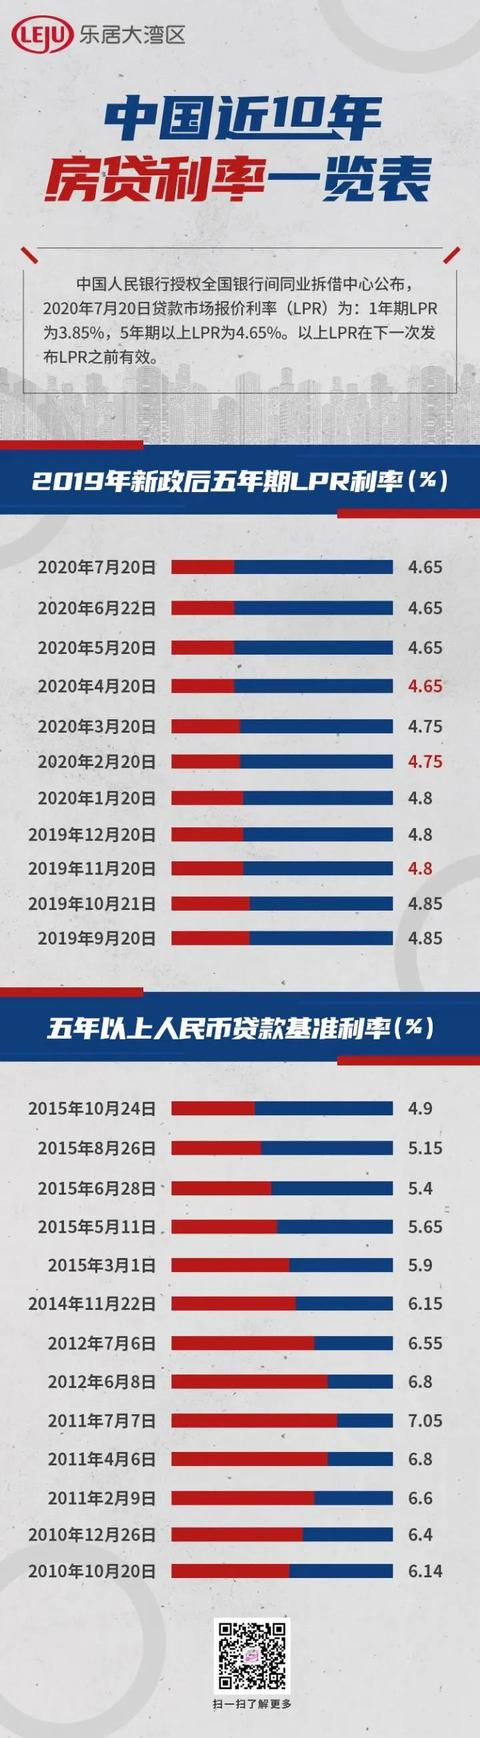 广州最低房贷利率仅4.8%!LPR和固定利率谁更划算?-今日股票_股票分析_股票吧